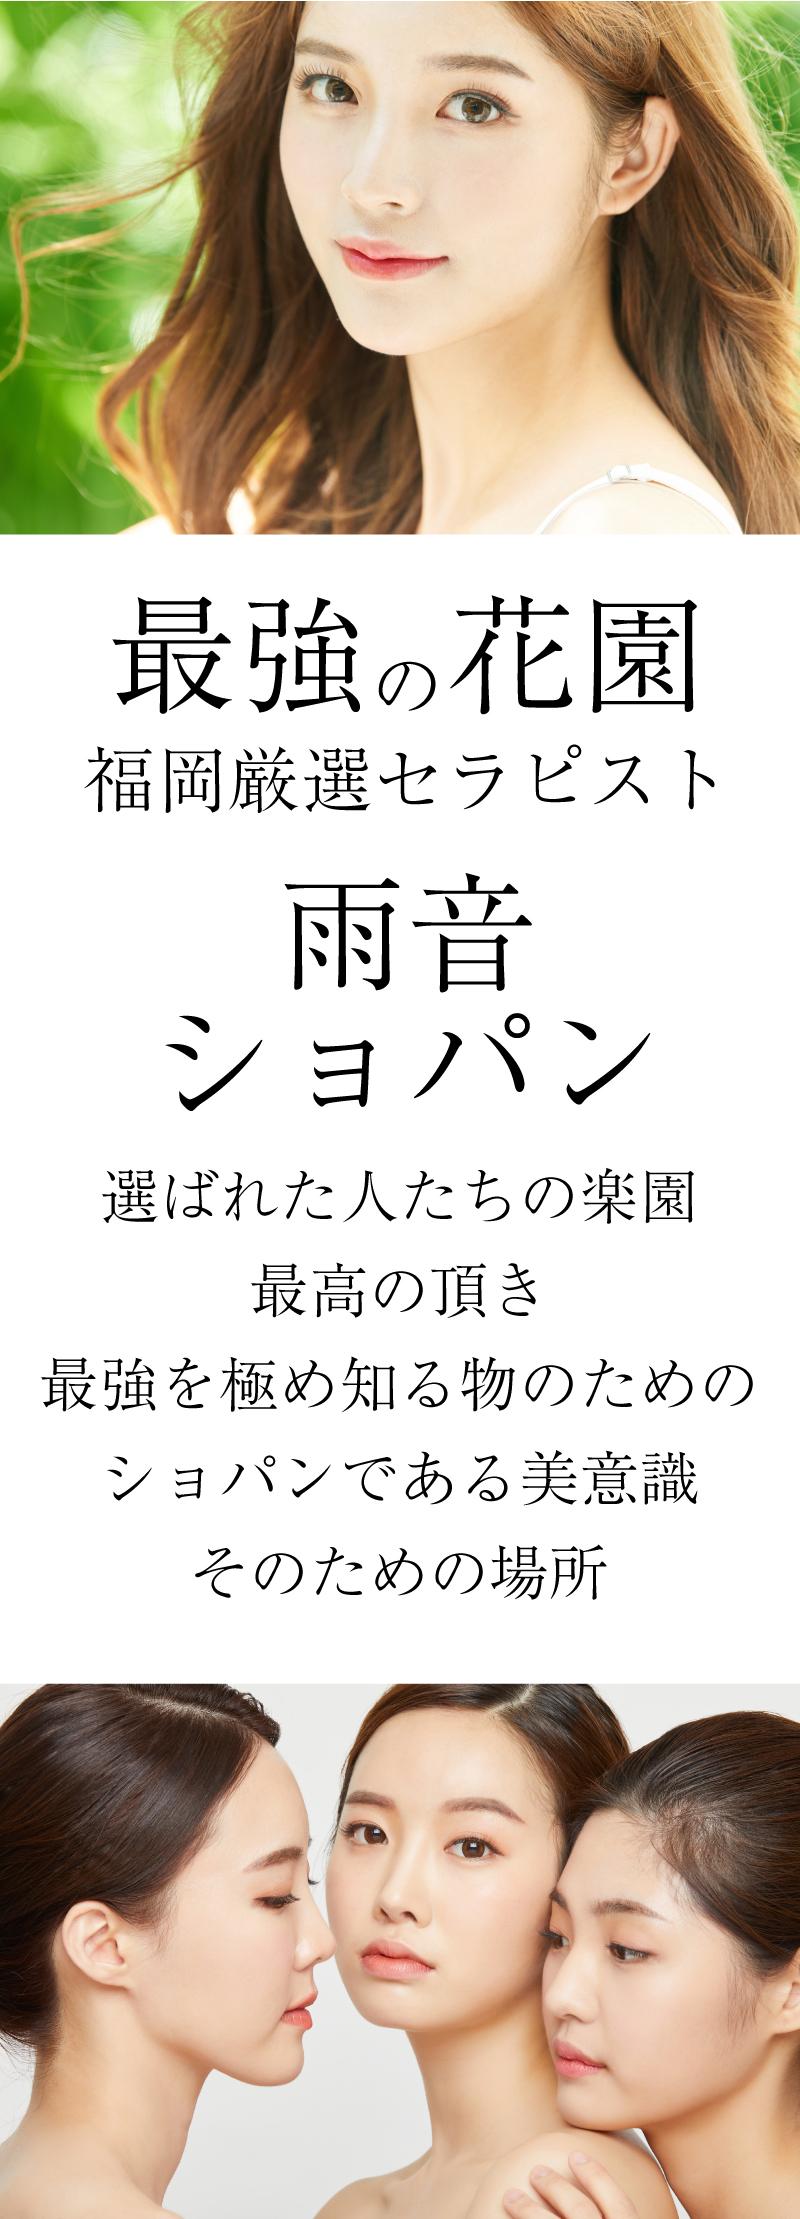 博多駅メンズアロマコレクション